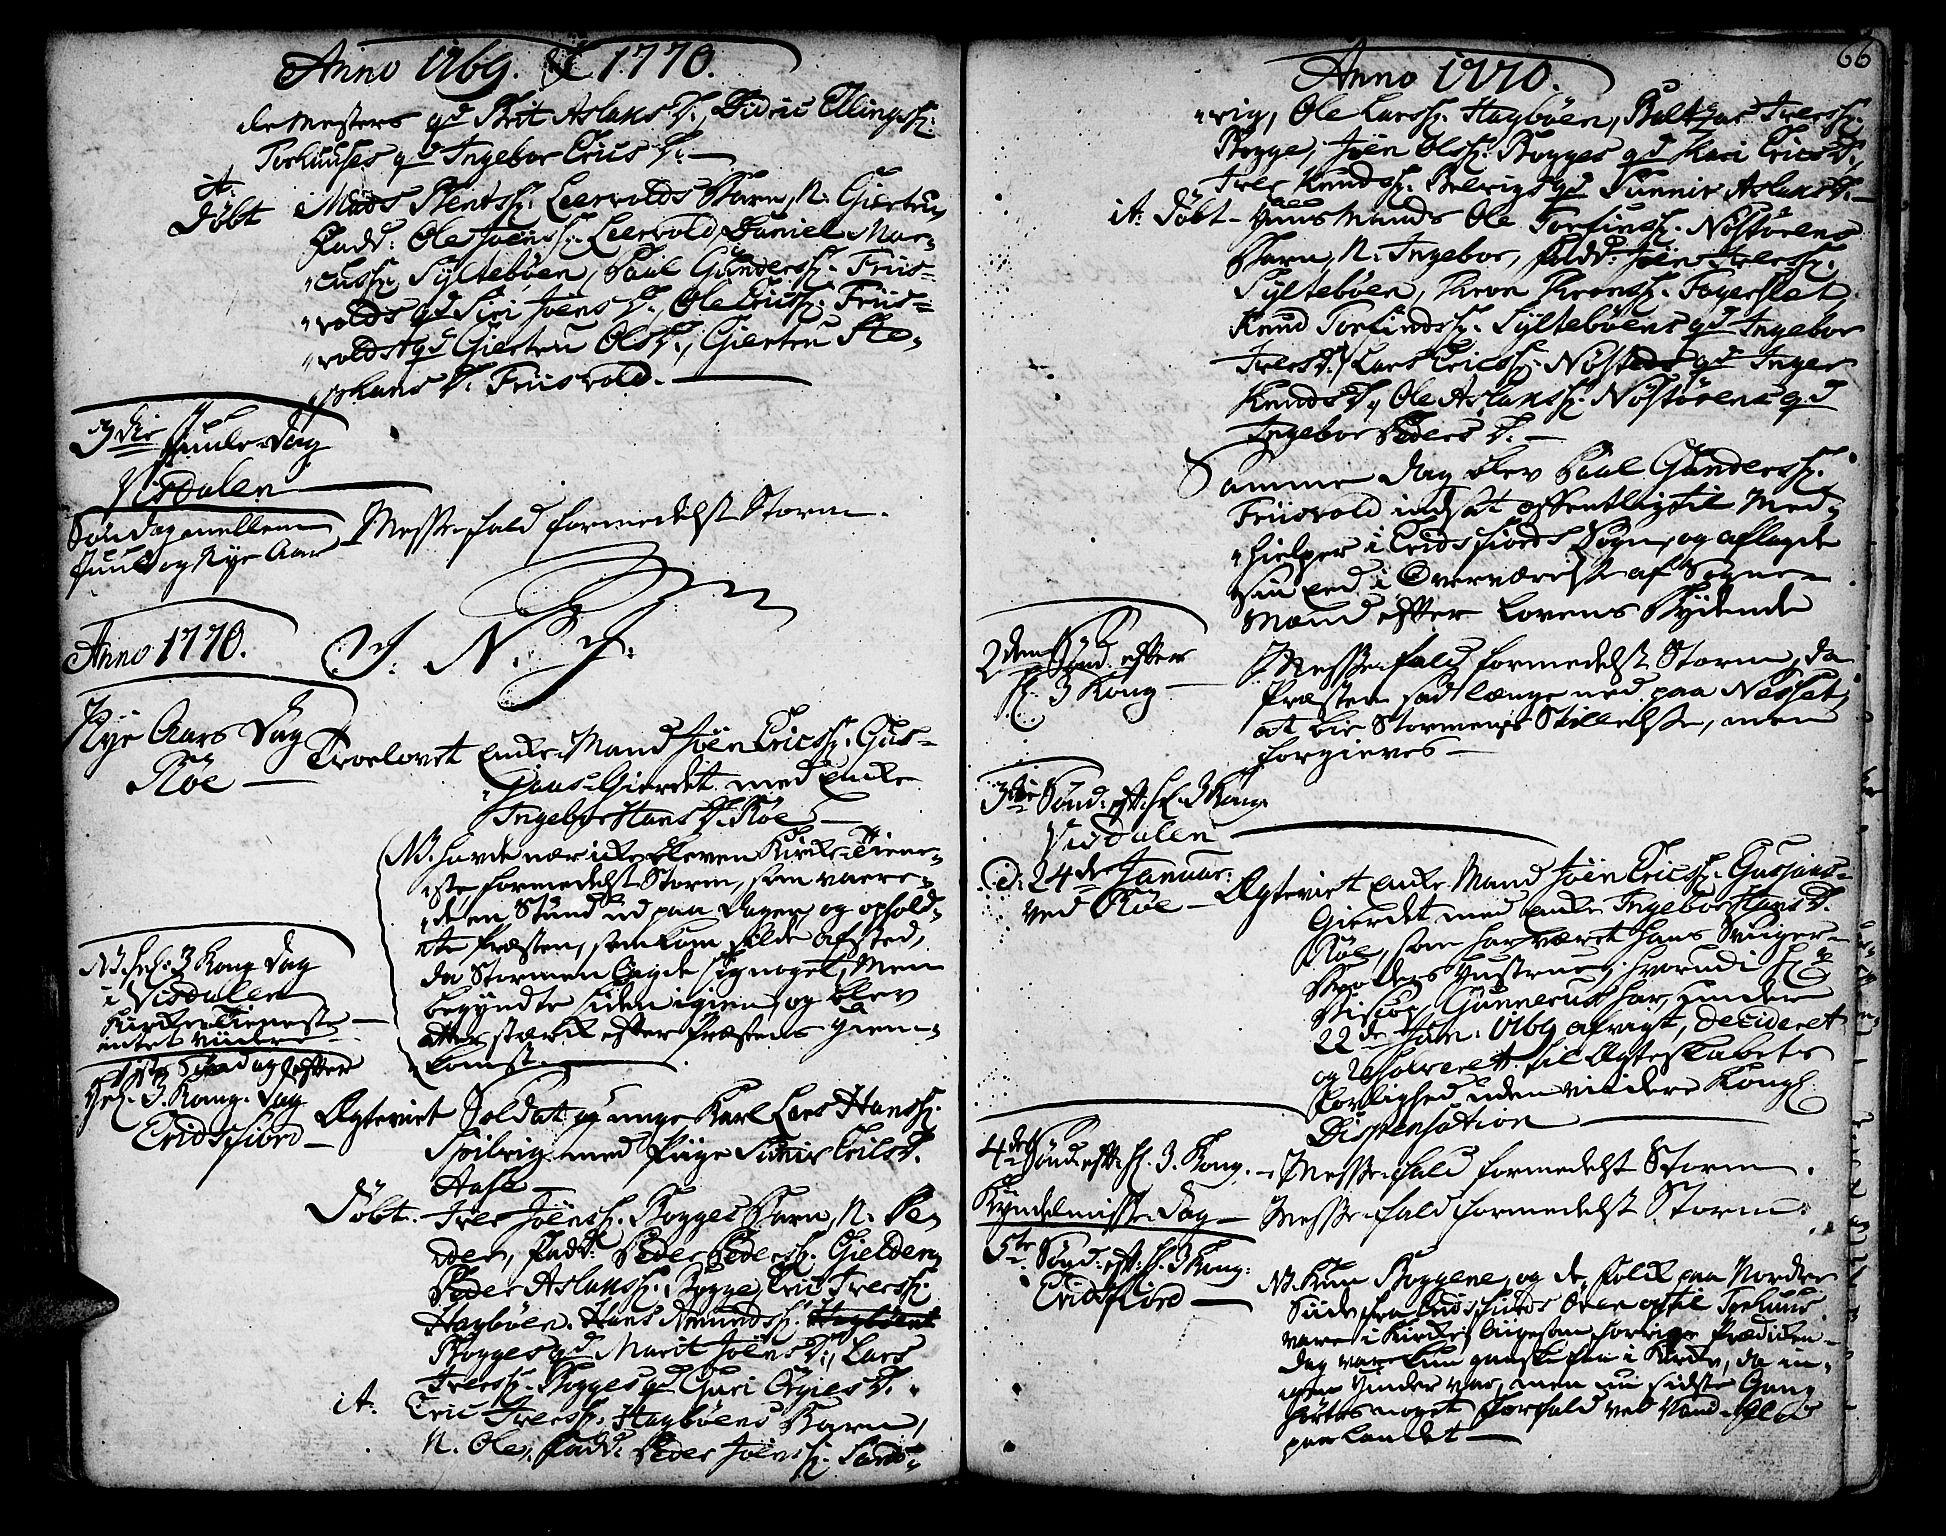 SAT, Ministerialprotokoller, klokkerbøker og fødselsregistre - Møre og Romsdal, 551/L0621: Ministerialbok nr. 551A01, 1757-1803, s. 66